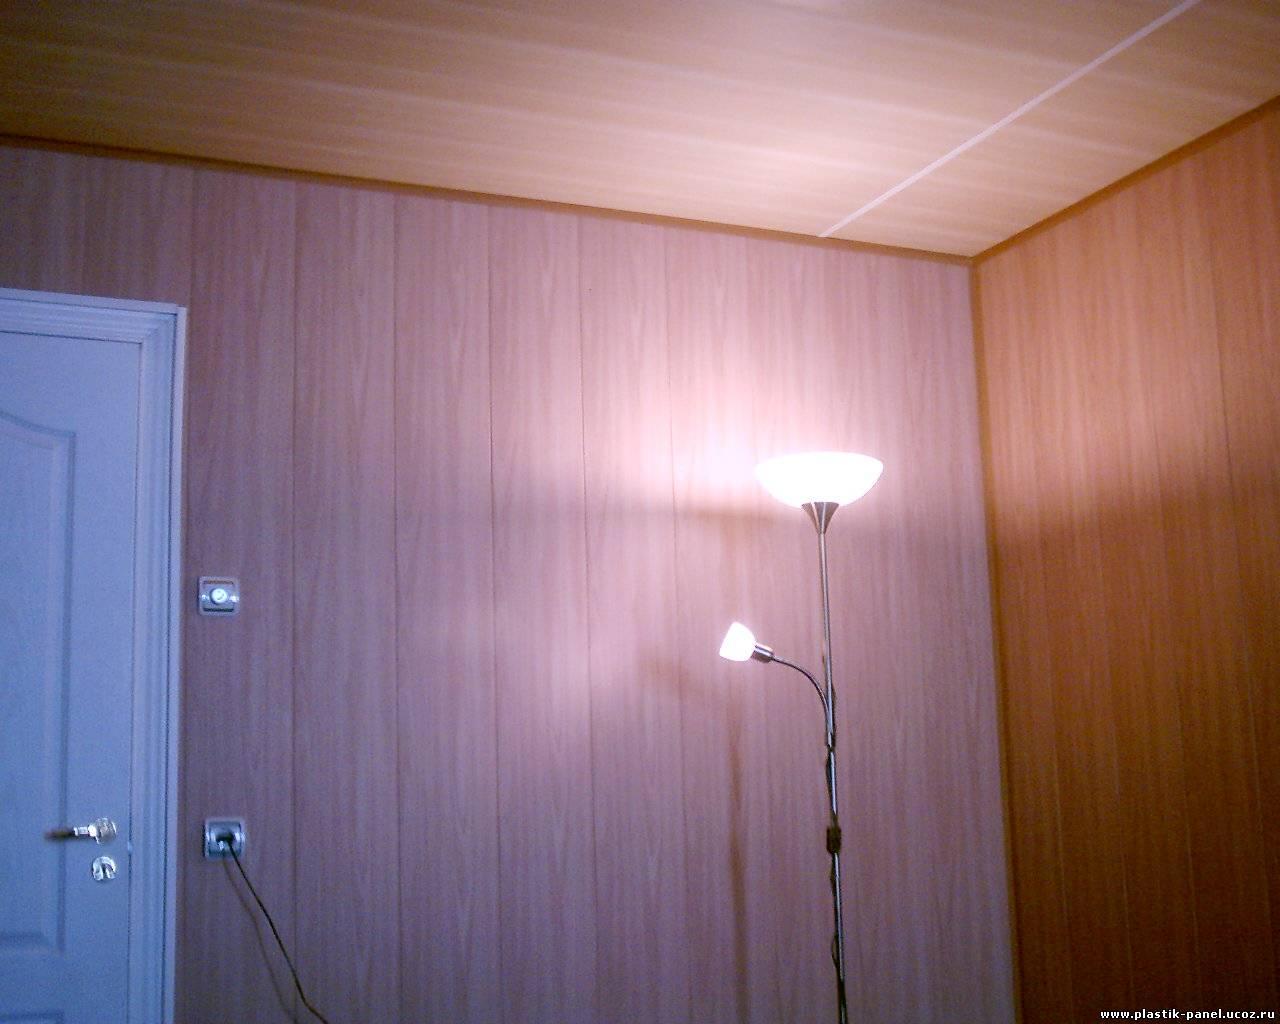 Подвесные потолки из панелей своими руками фото